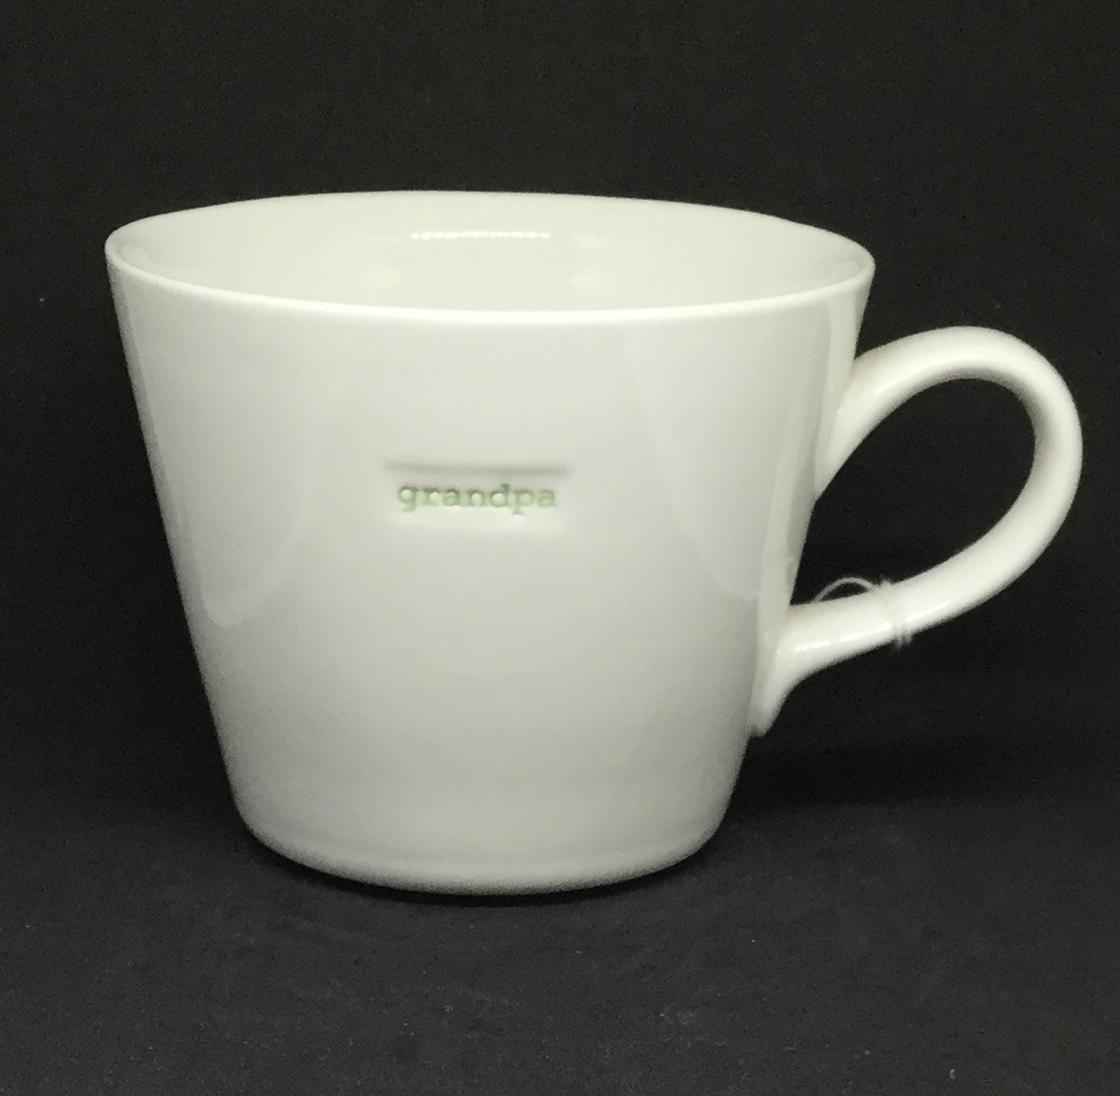 'Grandpa' fine bone China mug.